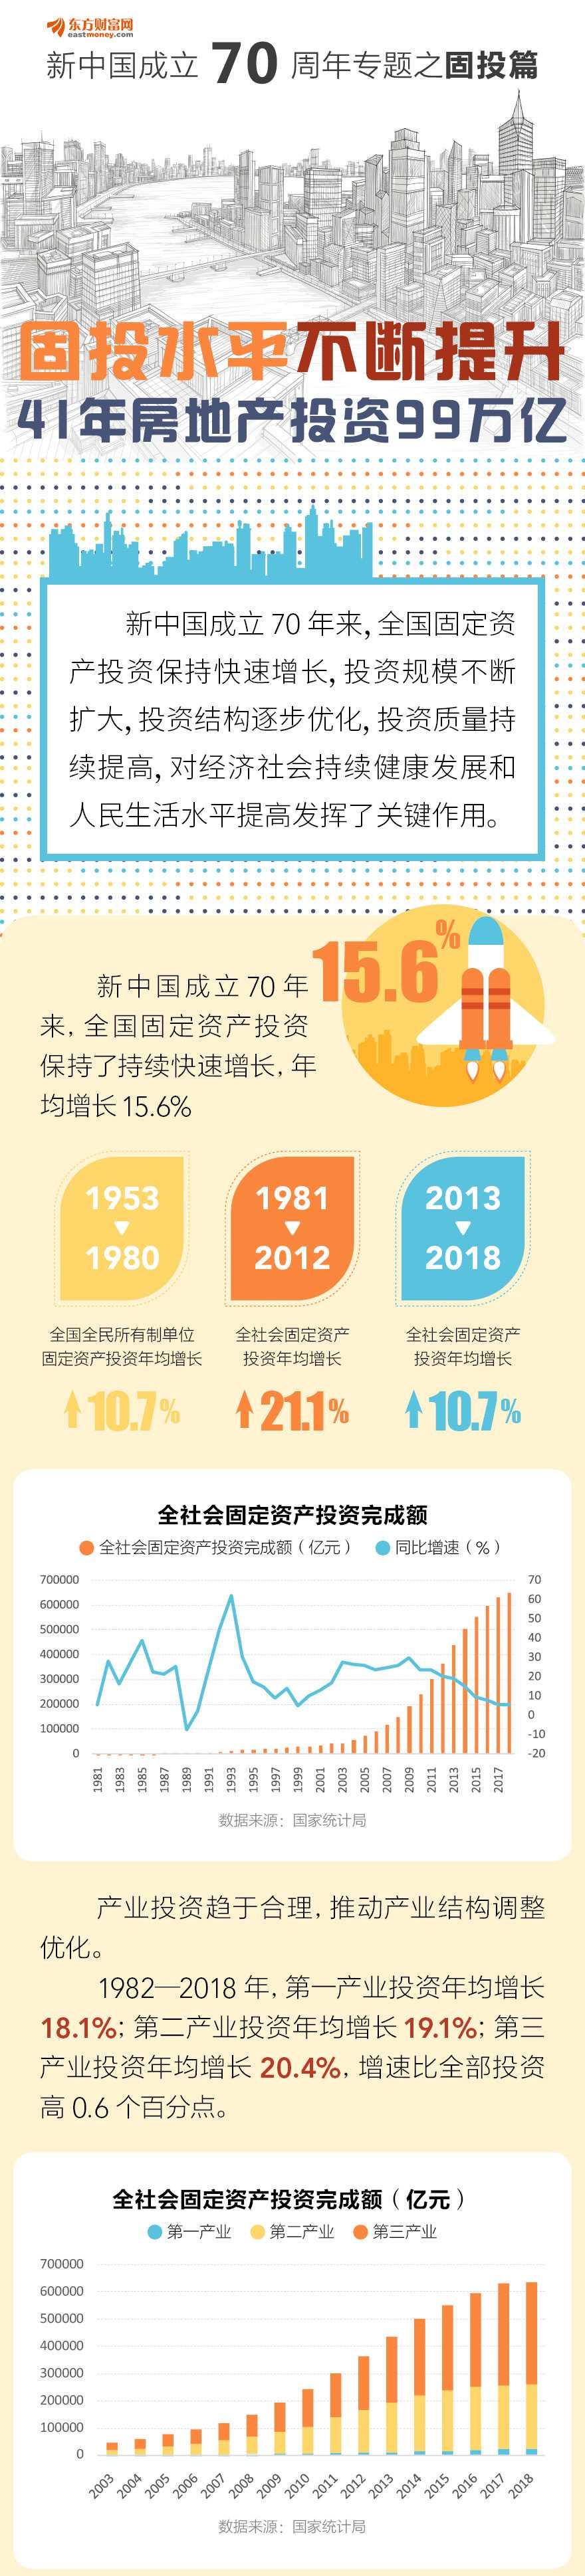 图解新中国成立70周年:41年房地产投资99万亿